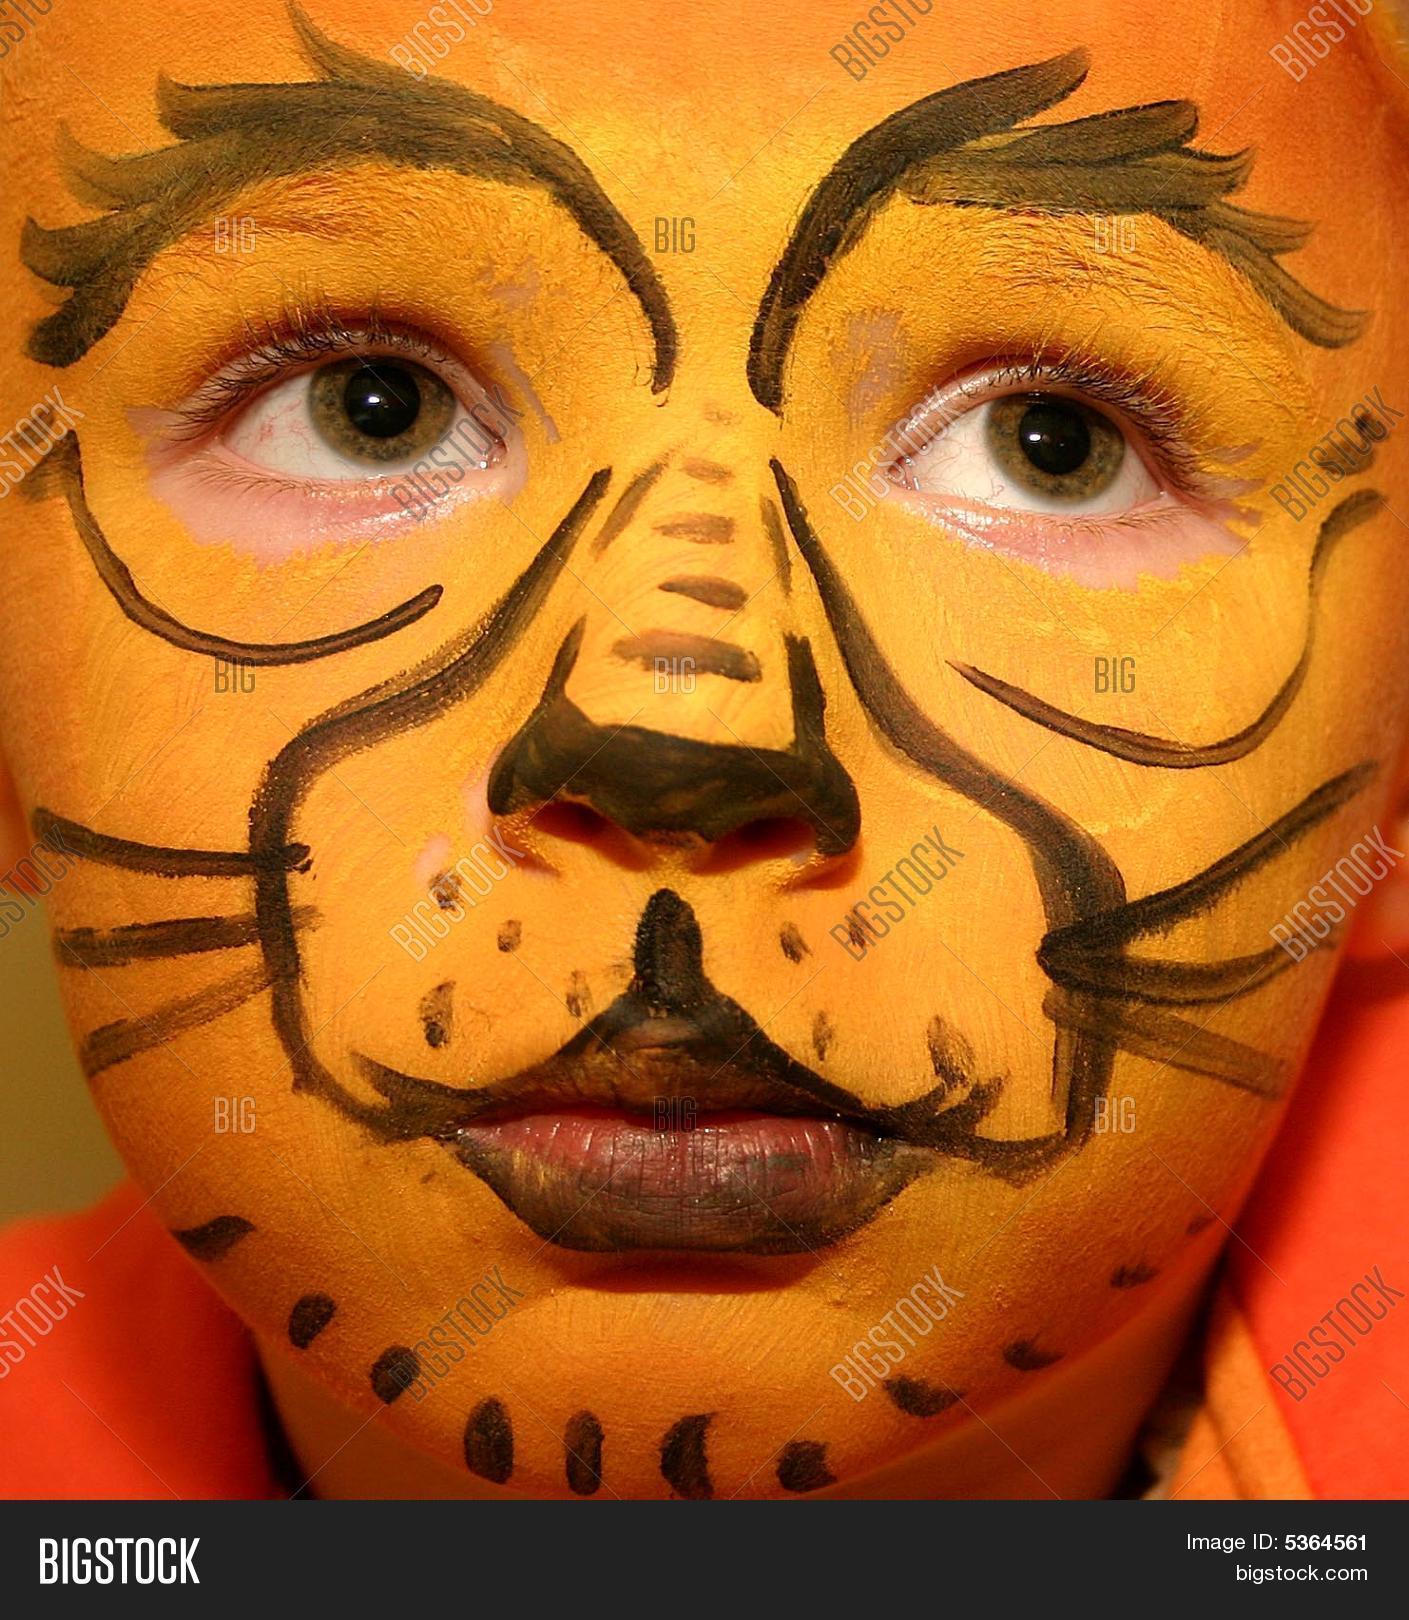 Uncategorized Lion Facepaint lion face painting image photo bigstock painting